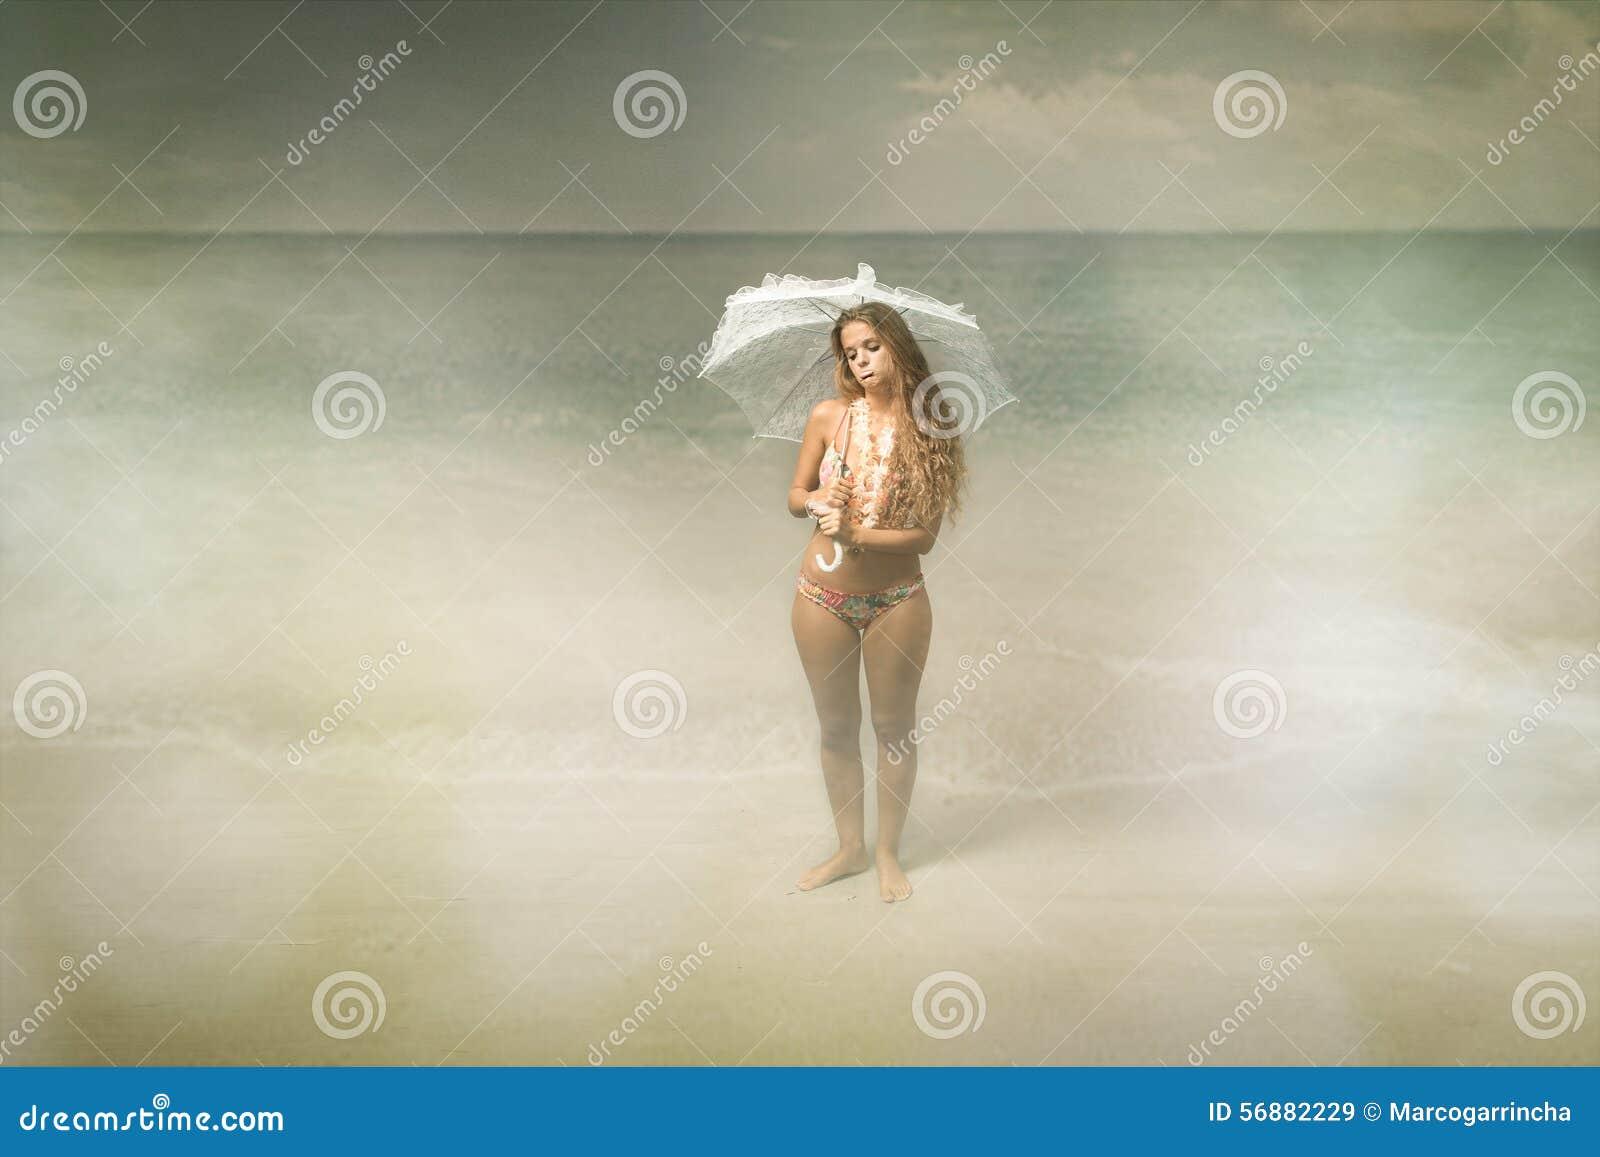 Situazione del maltempo della spiaggia